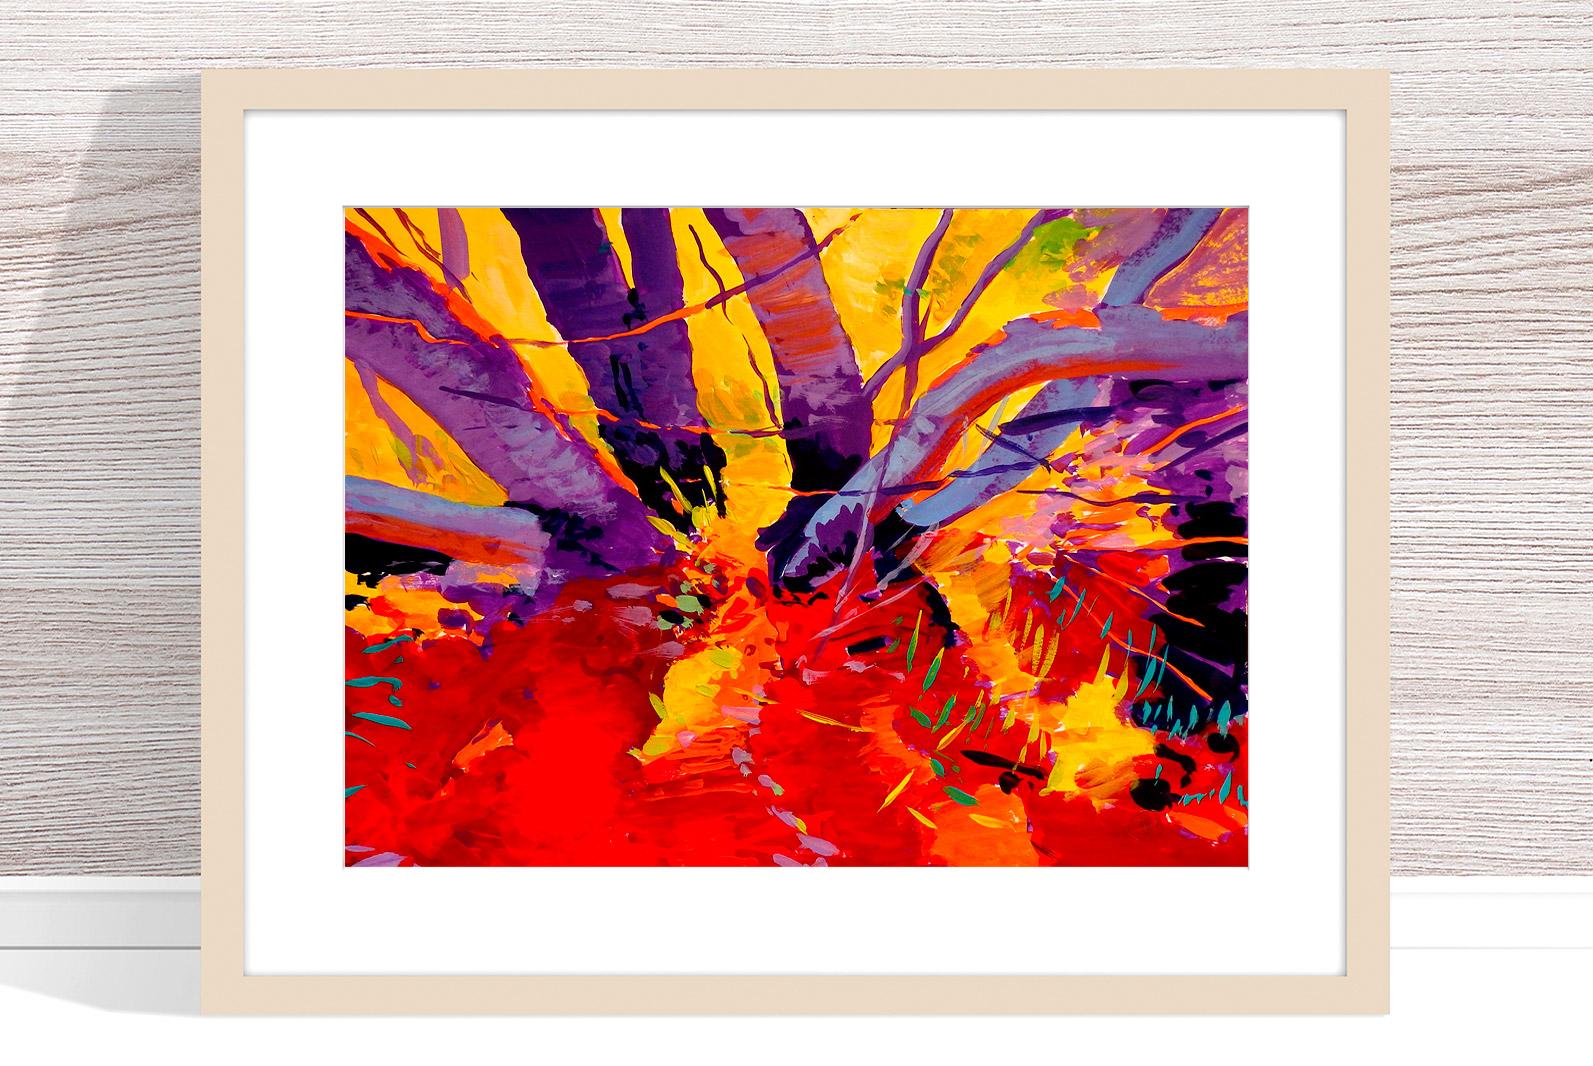 Marek Herburt - 'Against The Sun' Framed